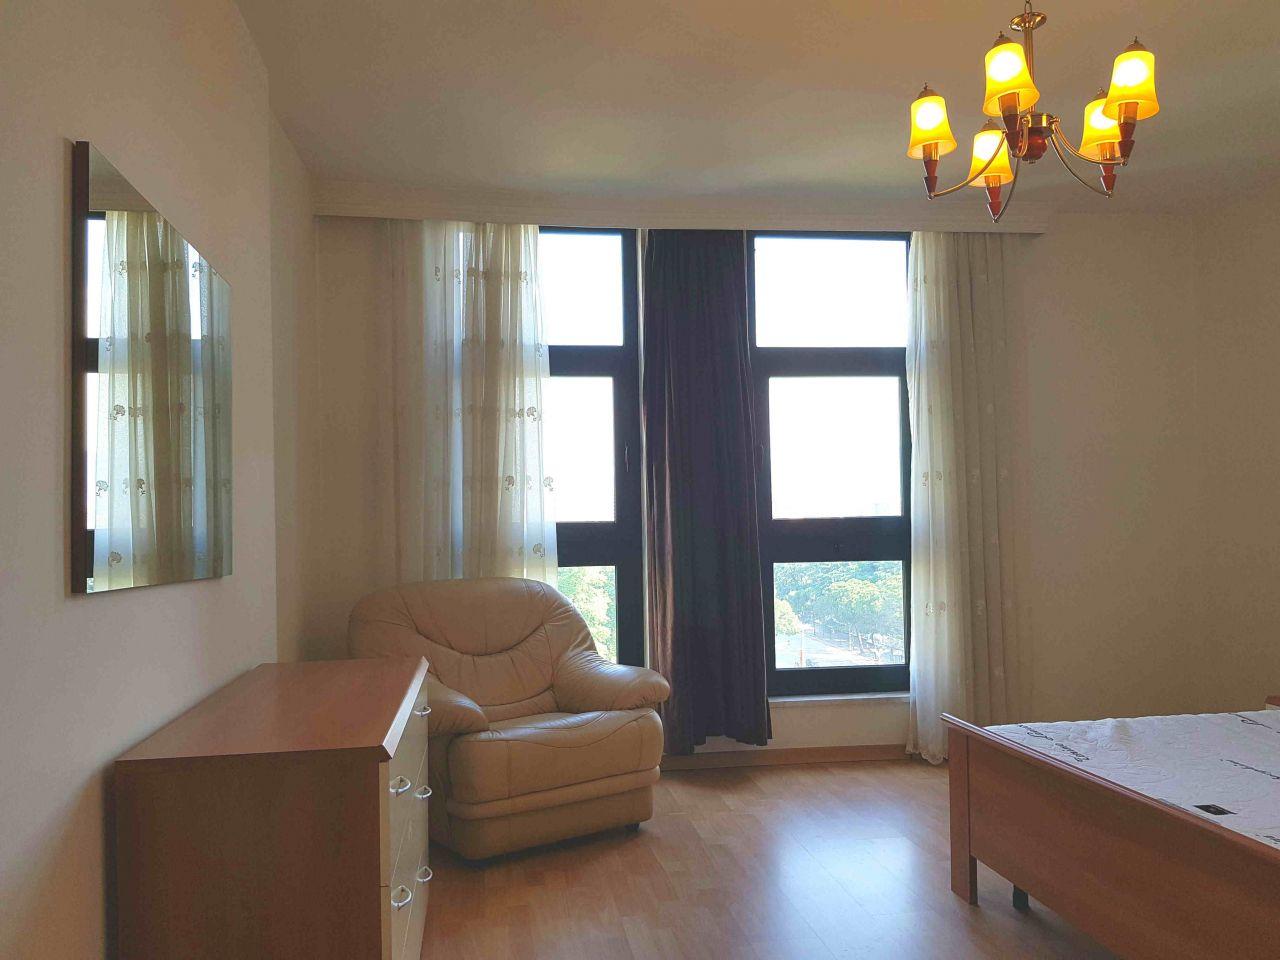 Spacious Apartment for Rent in Blloku Area, Tirana